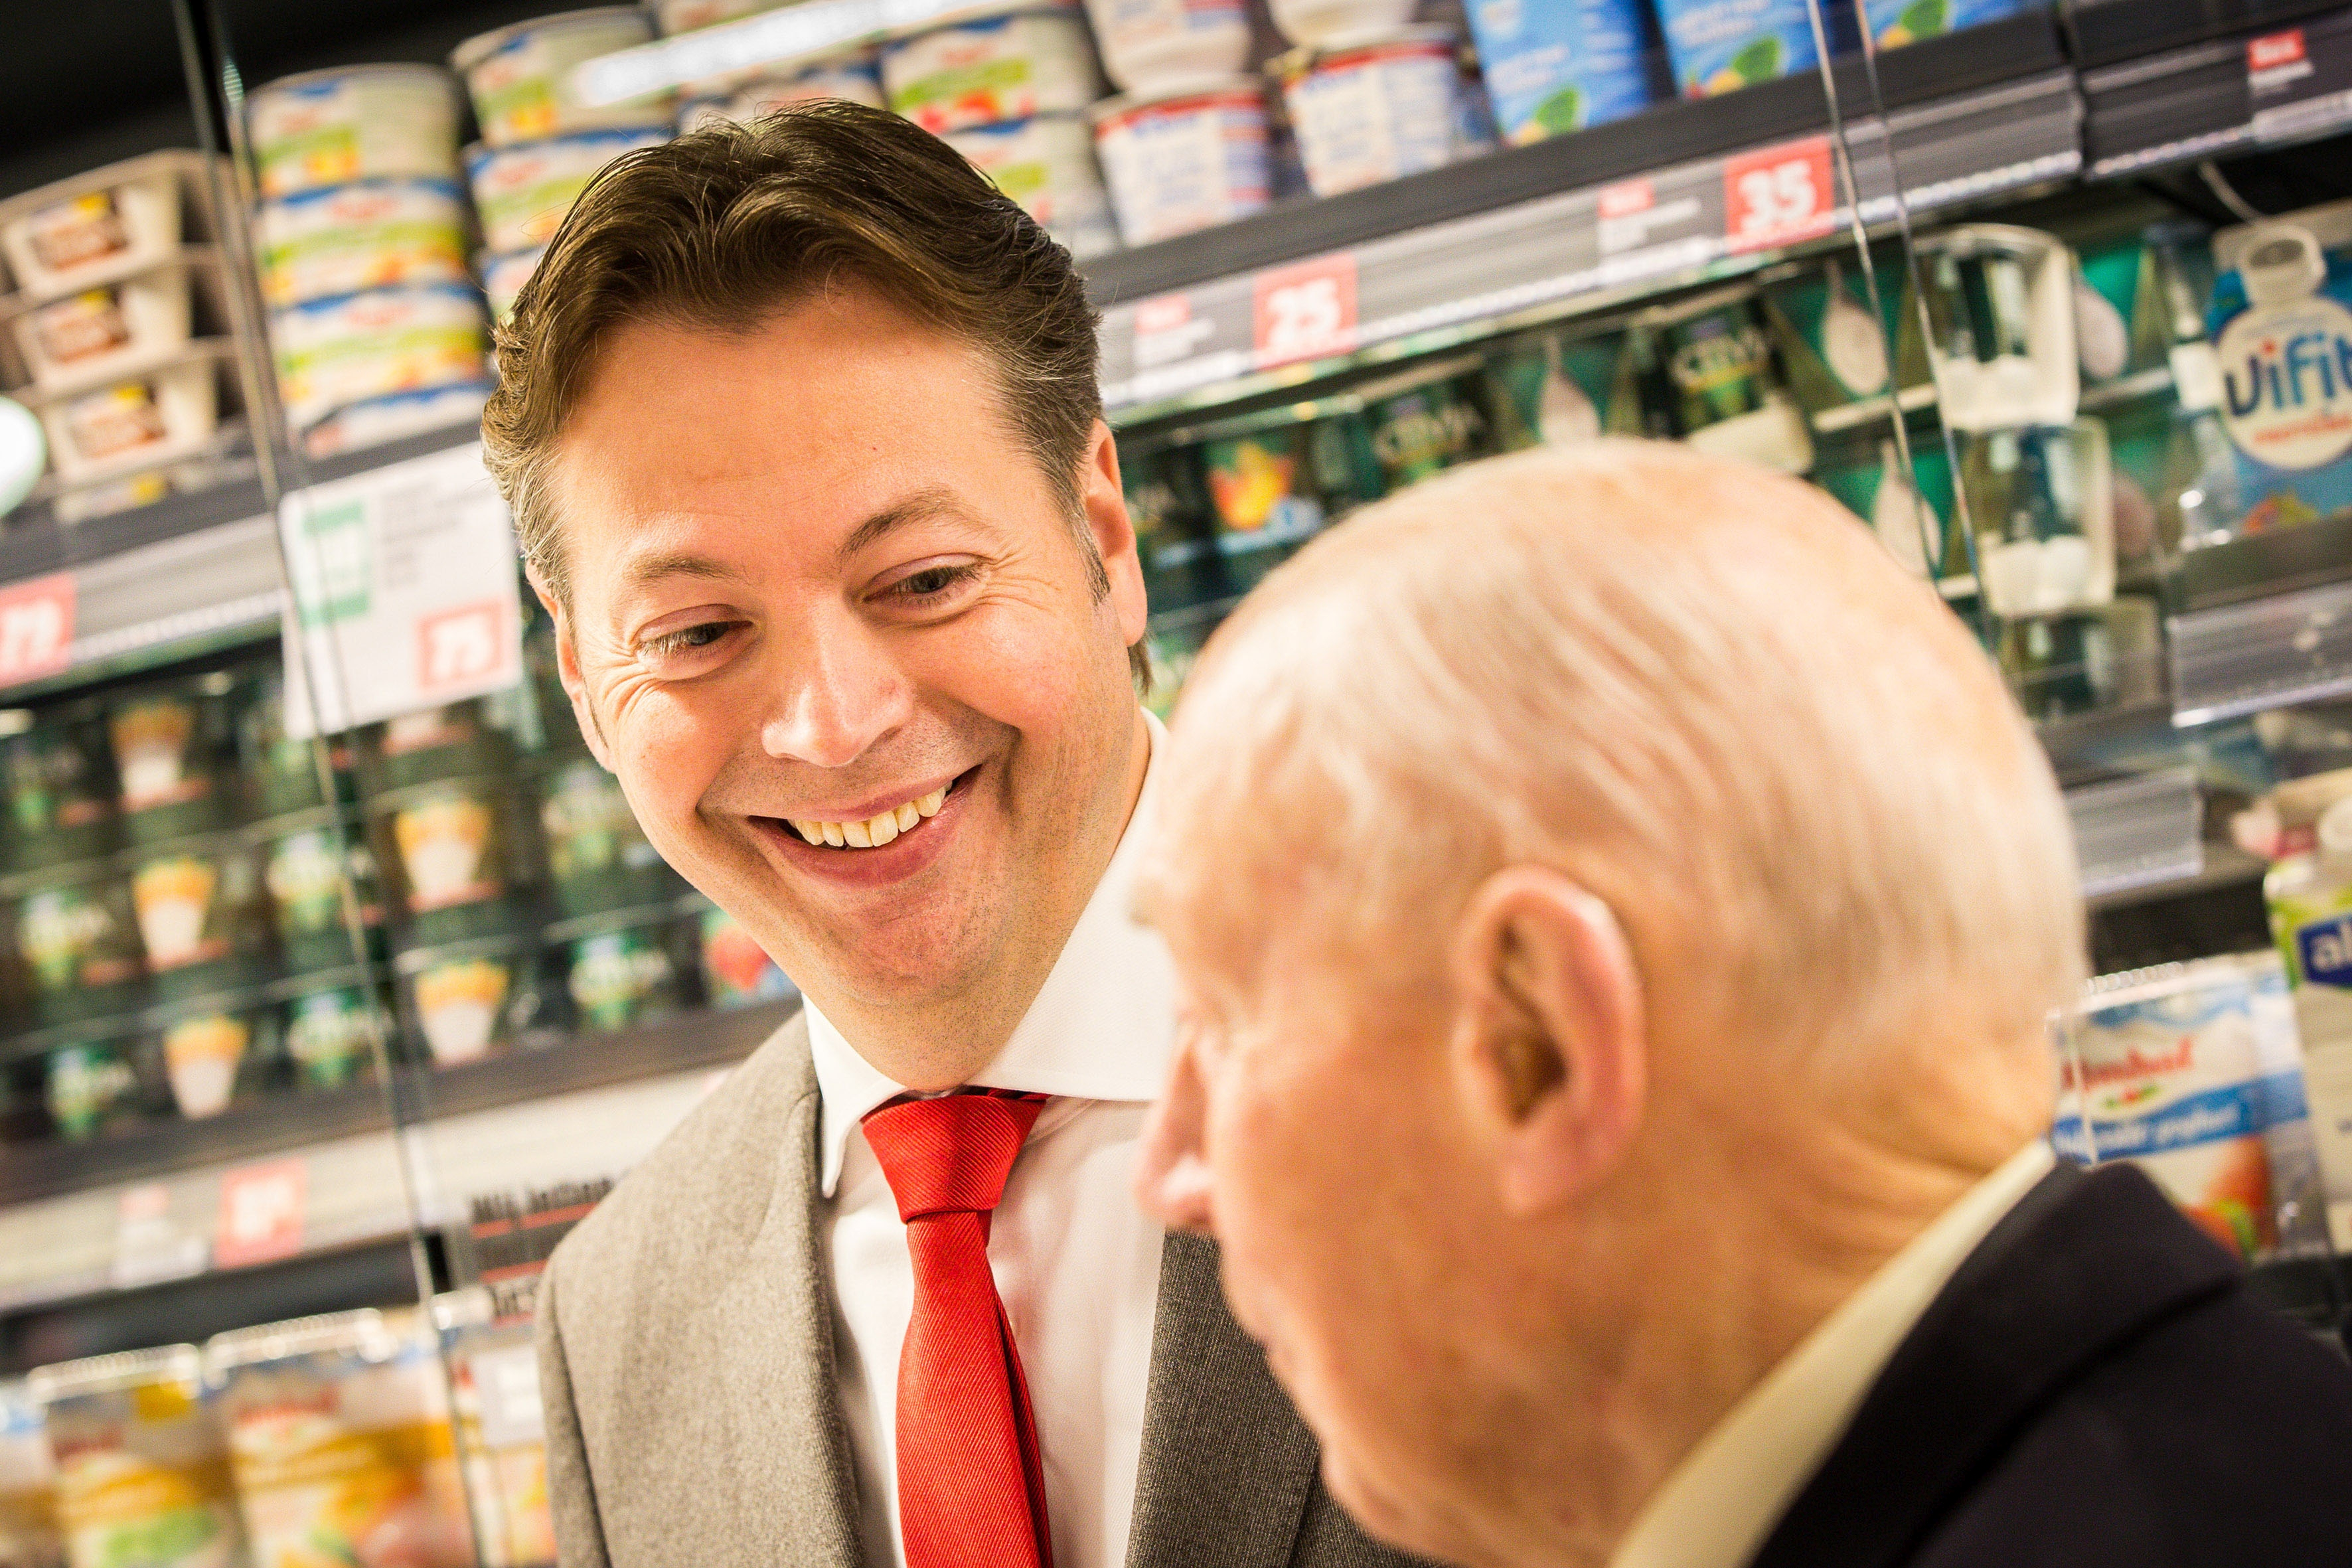 Marcel Huizing op de openingsdag van de Dirk aan de Warmoesstraat in gesprek met Dirk van den Broek senior, de 92-jarige oprichter van de supermarktketen. Foto: Diederik van der Laan.